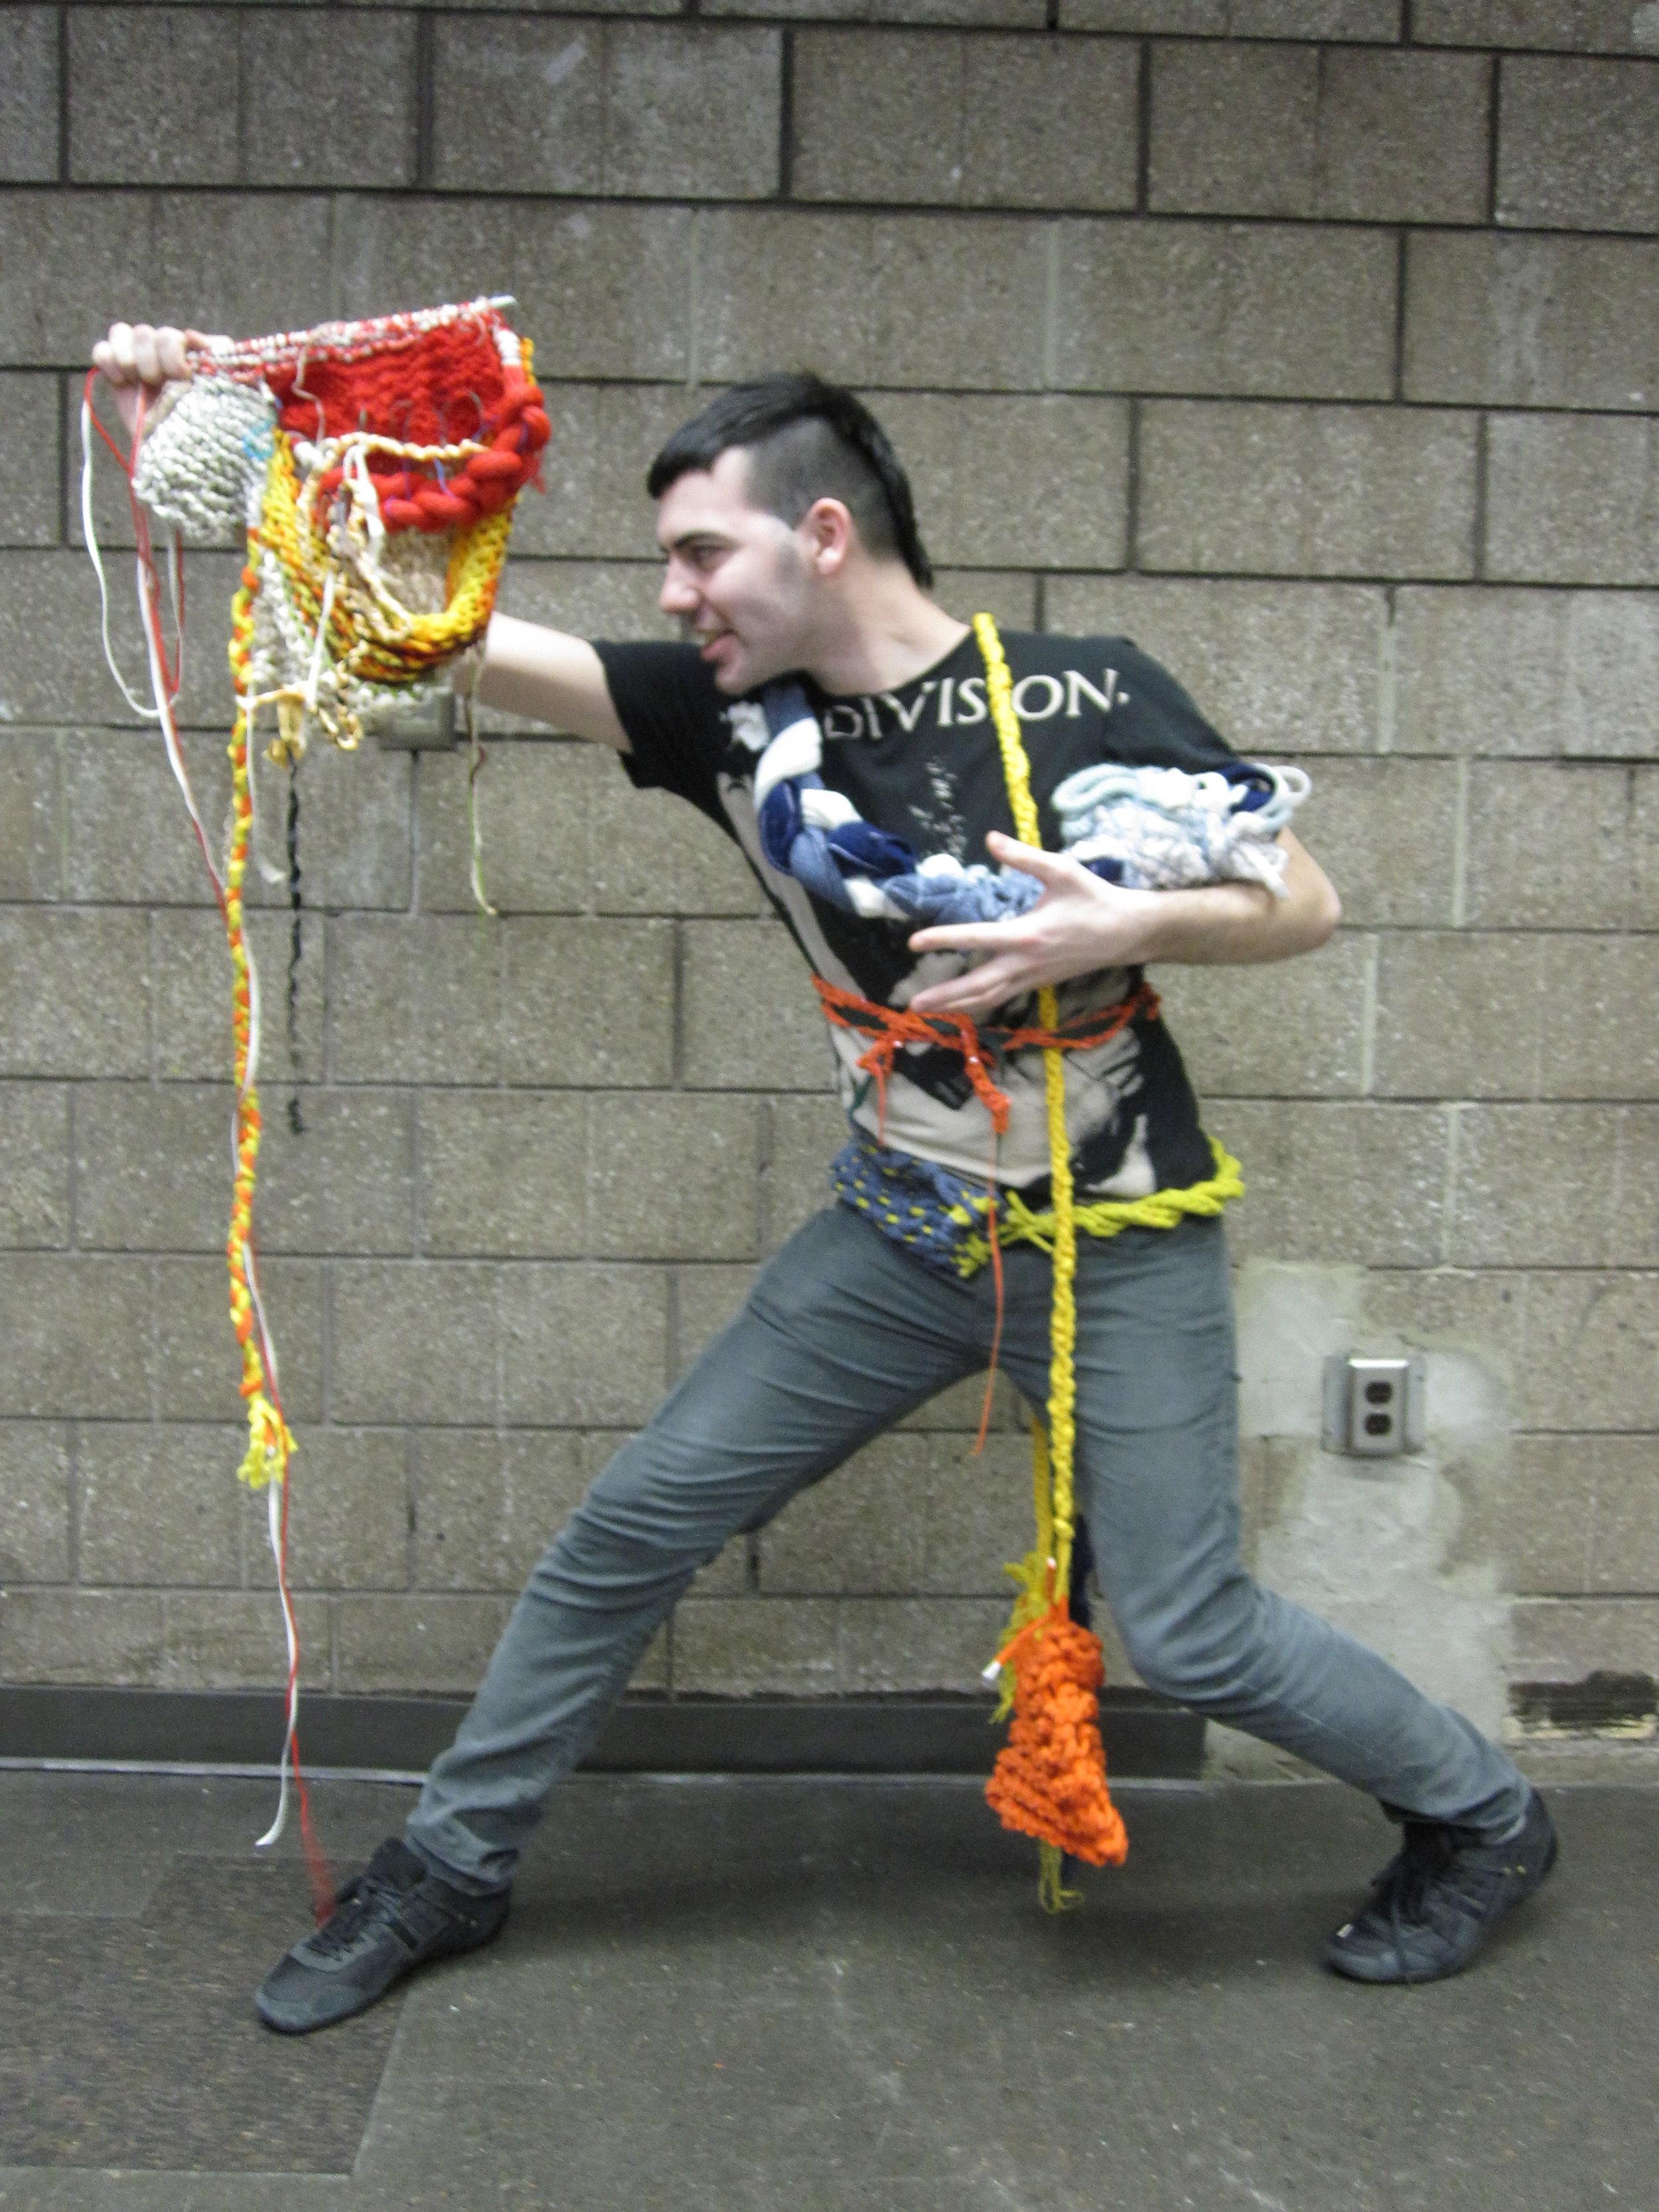 knittingmarathon10_4314512209_o.jpg